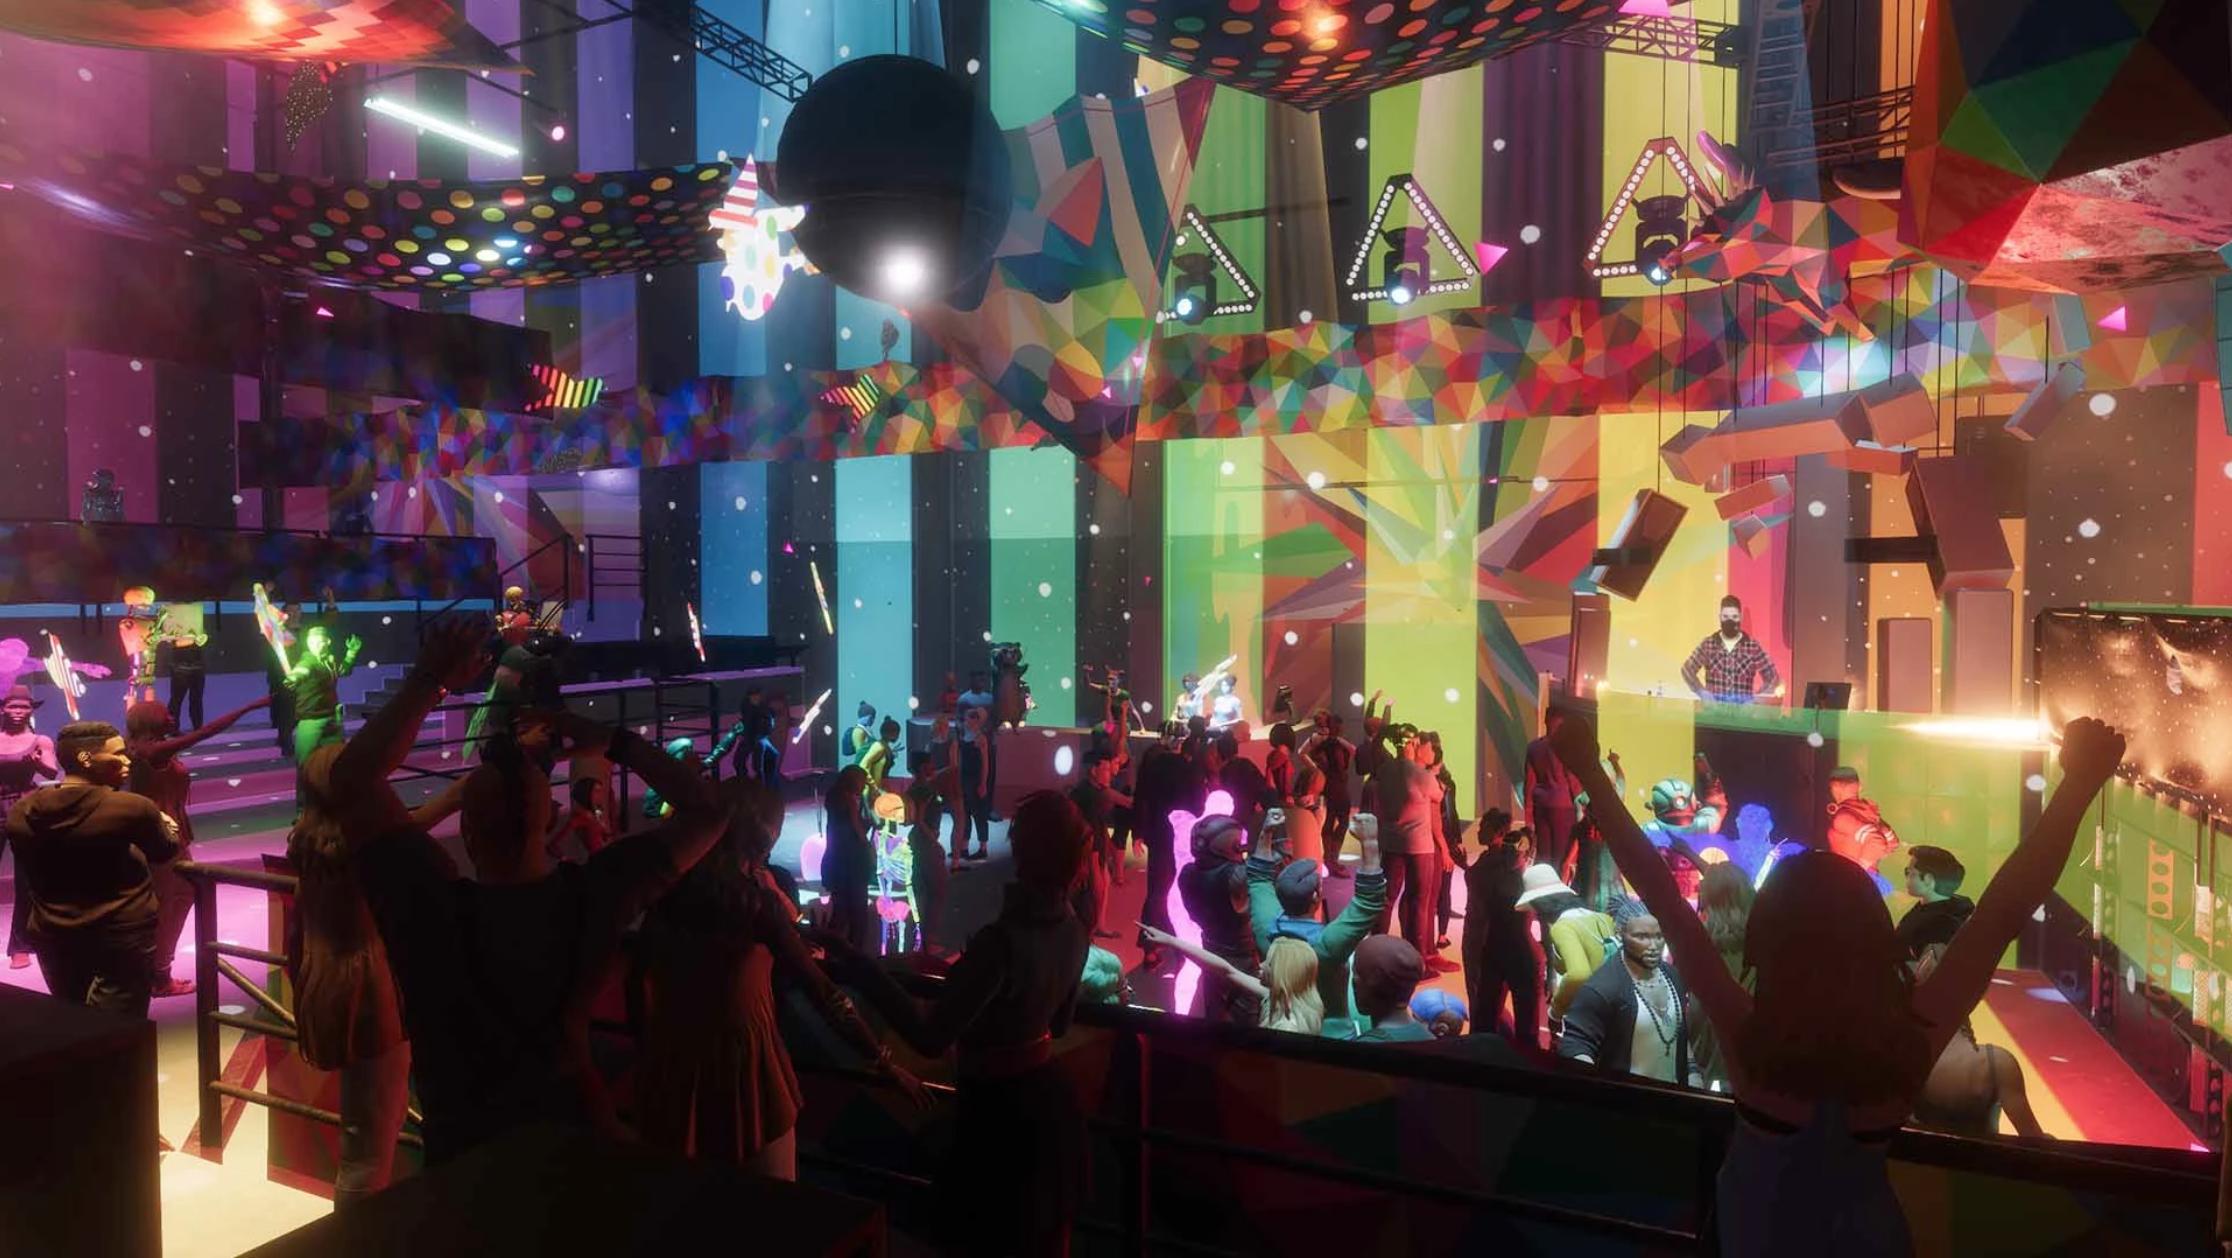 Bootshaus famoso clube da Alemanha agora terá versão virtual com festas usando VR